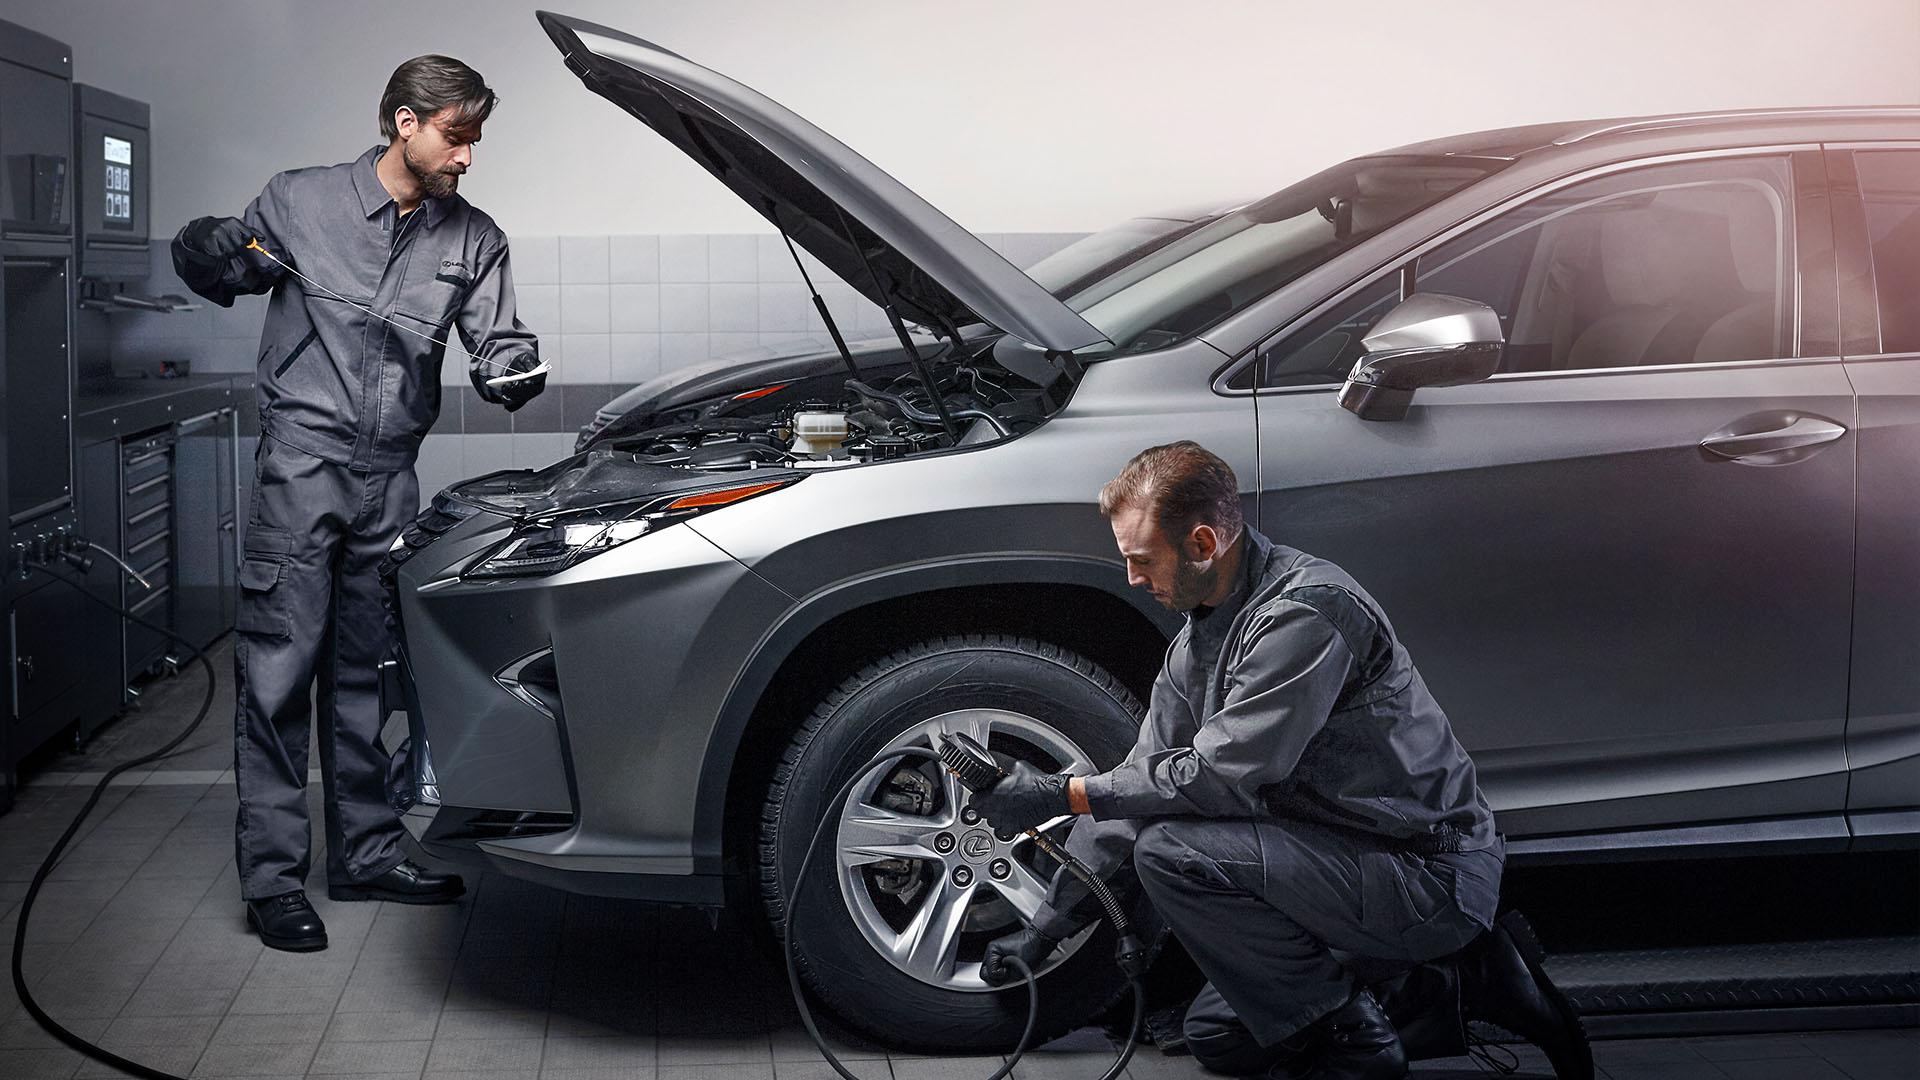 Клучни делови за автомобили: Кога е време за замена на моторното масло, филтрите, ременот…